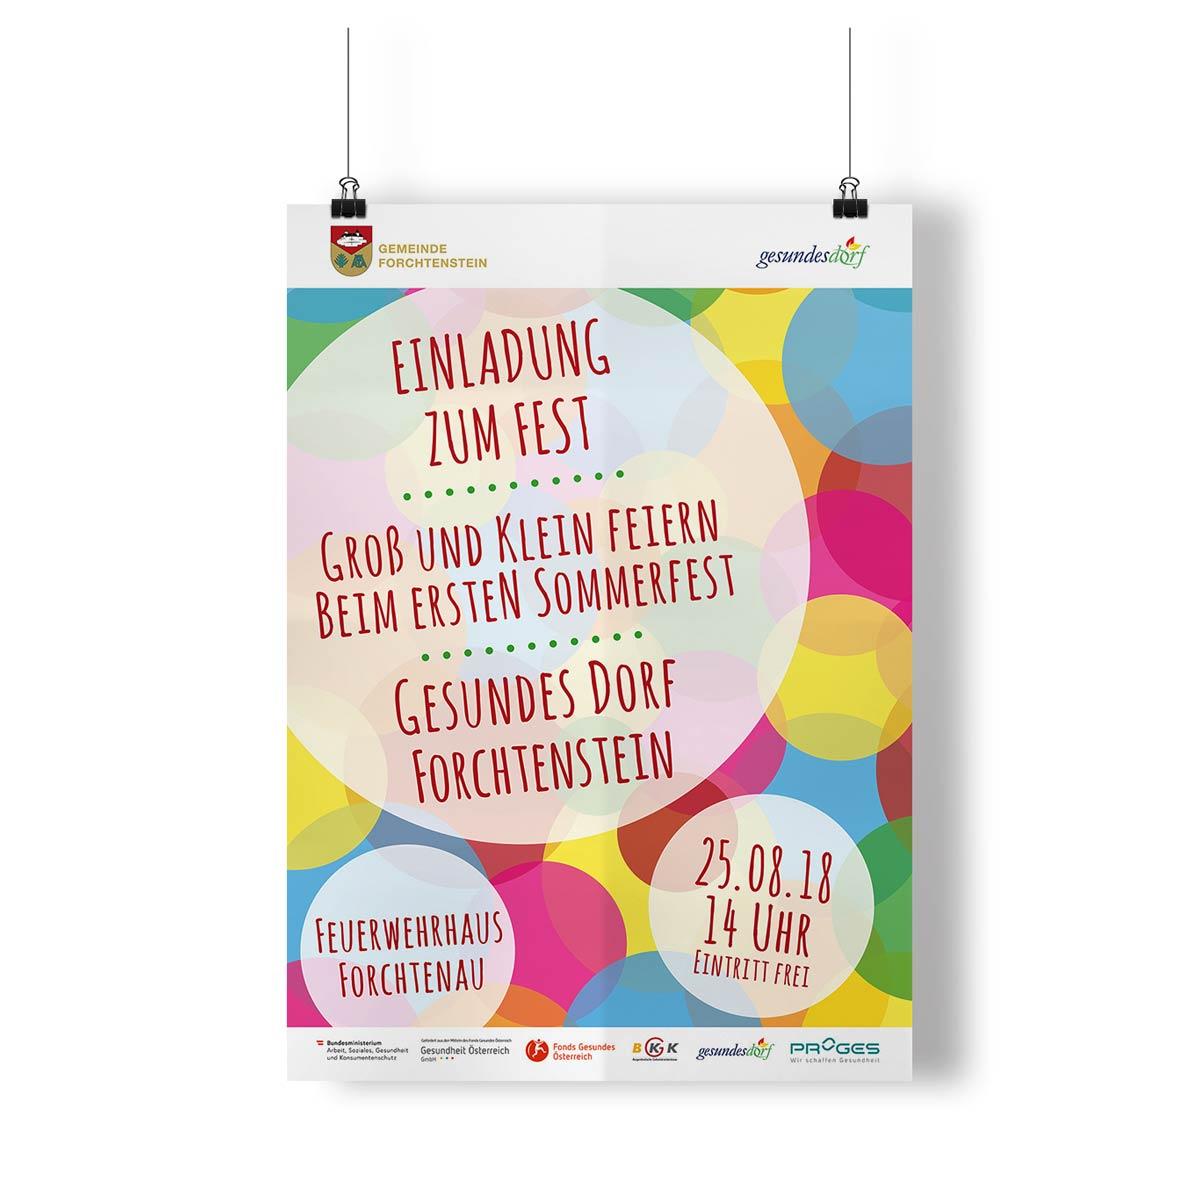 Bild zum Artikel Flyer und Plakat für Gesundes Dorf Forchtenstein